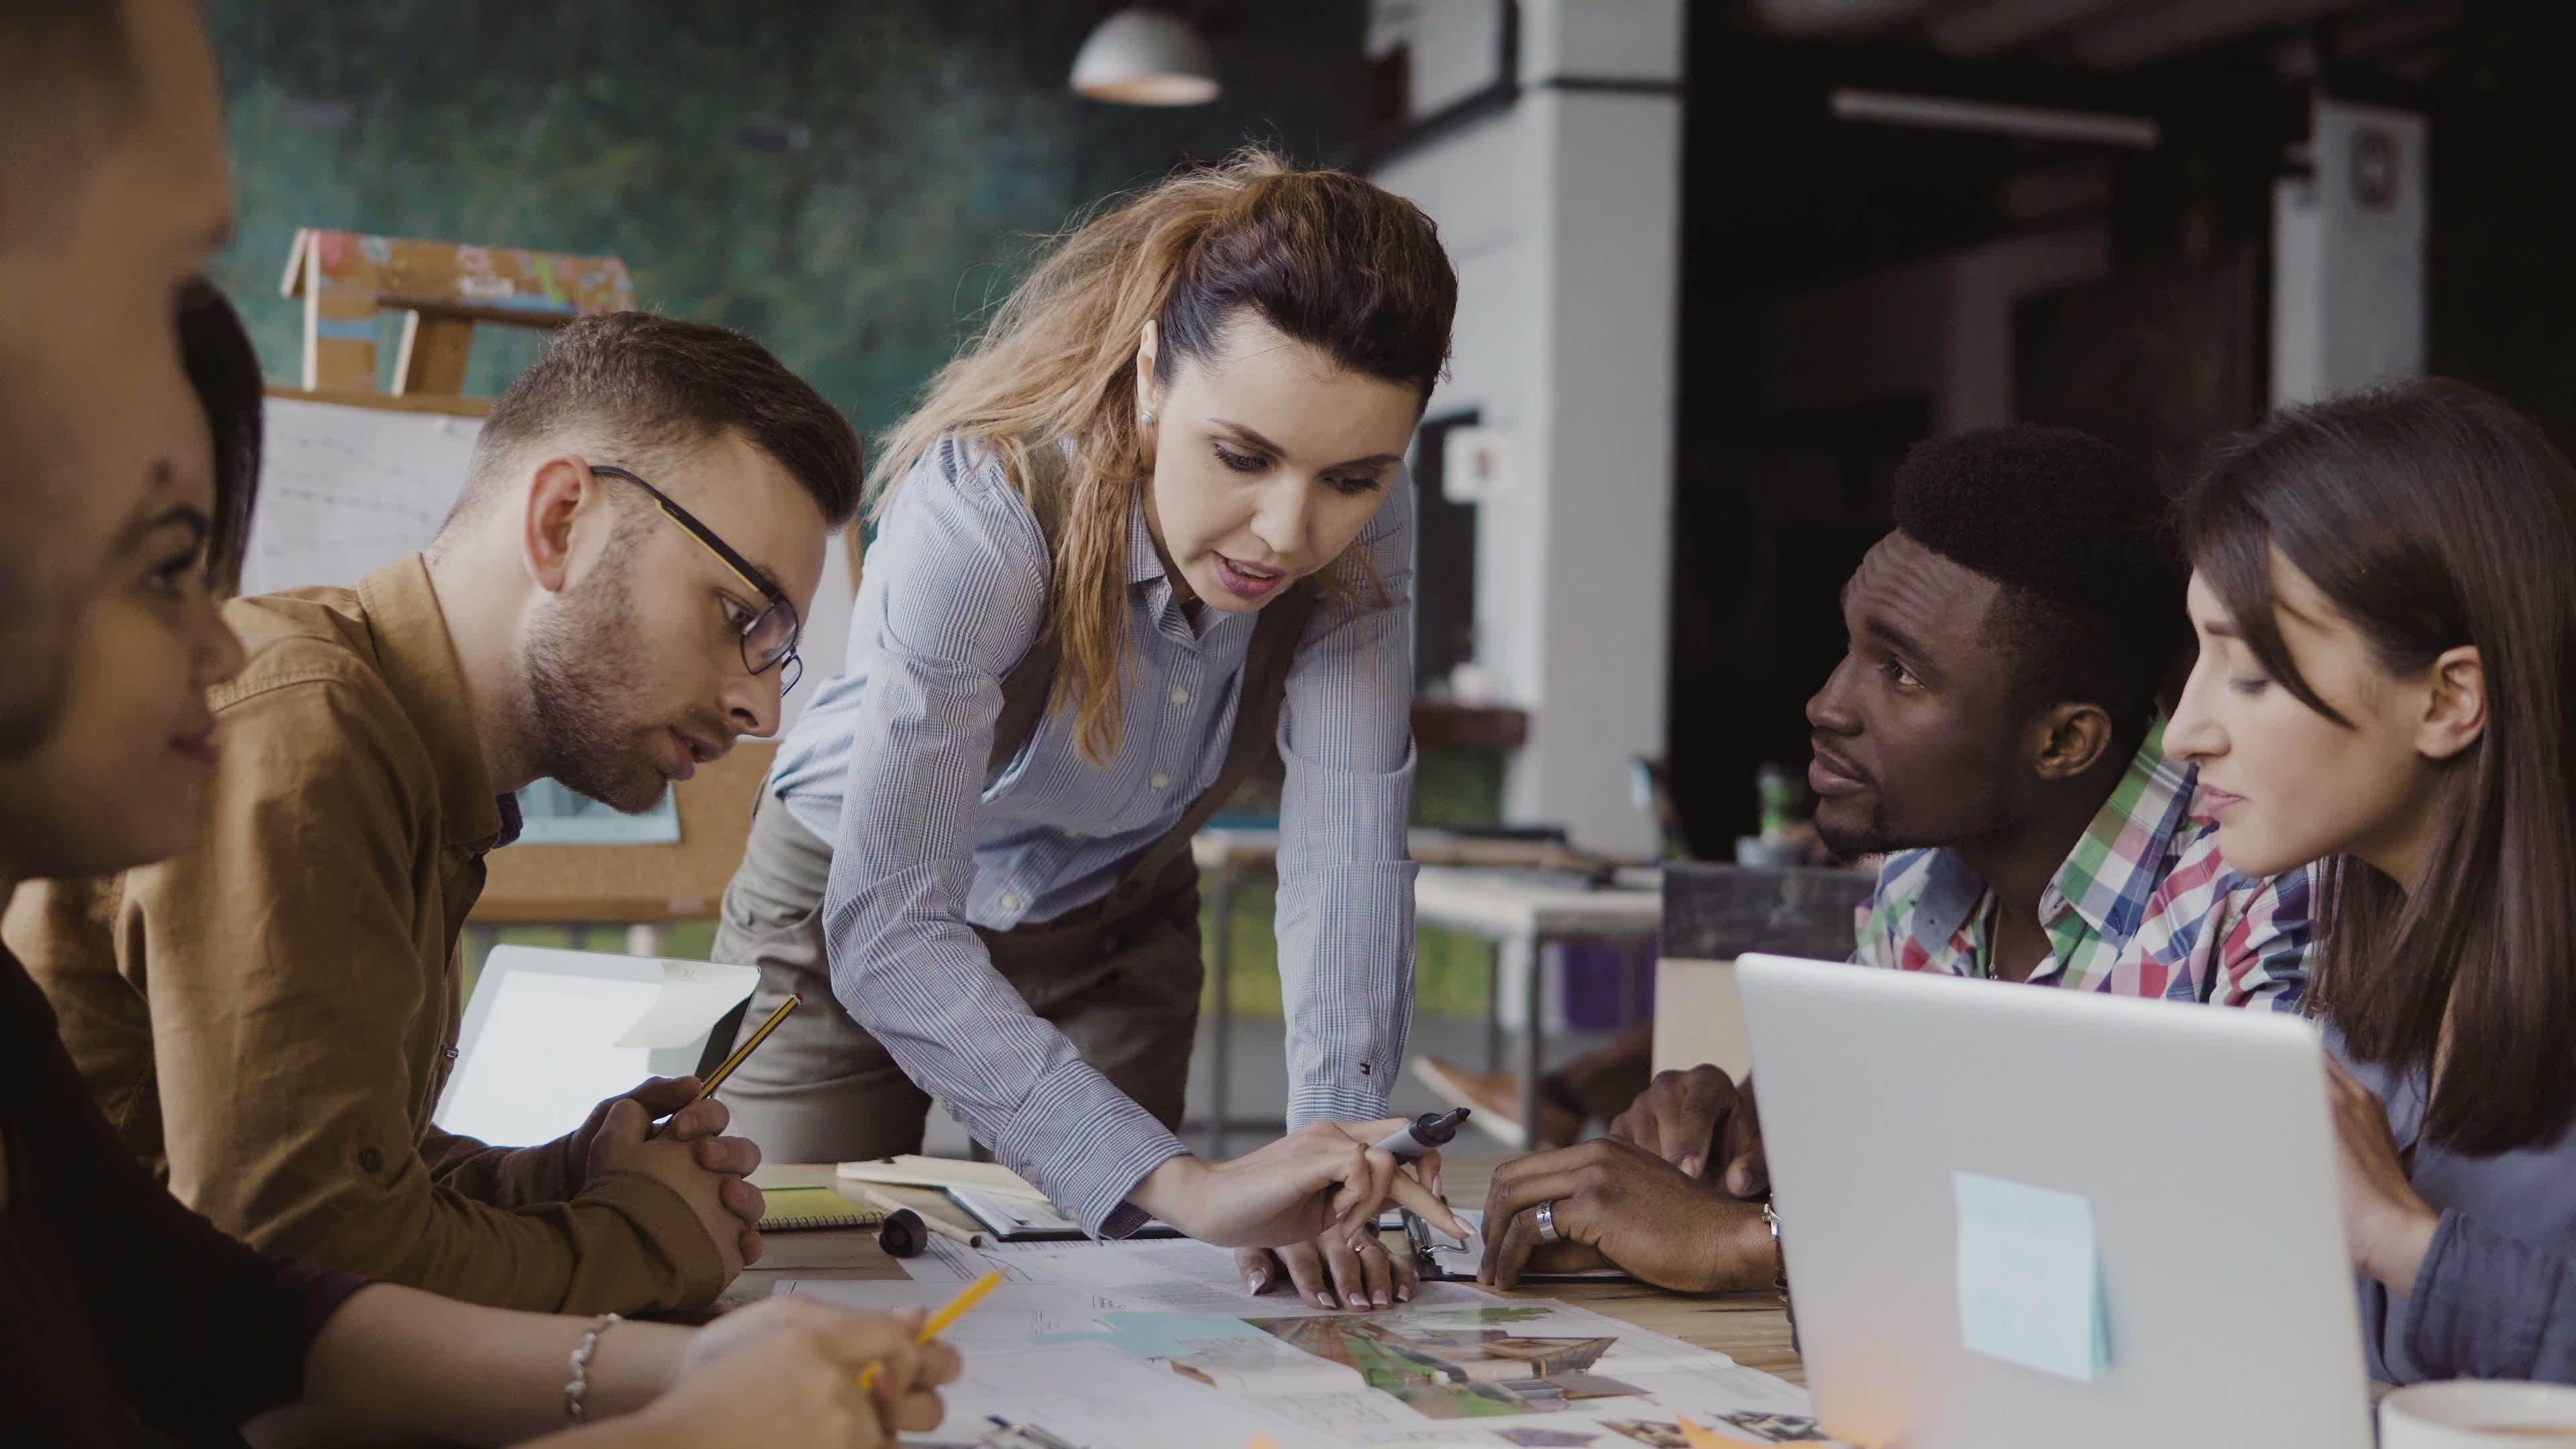 Imagem do time comercial para remeter ao texto que propõe ao empreendedor a melhorar a produtividade da equipe comercial